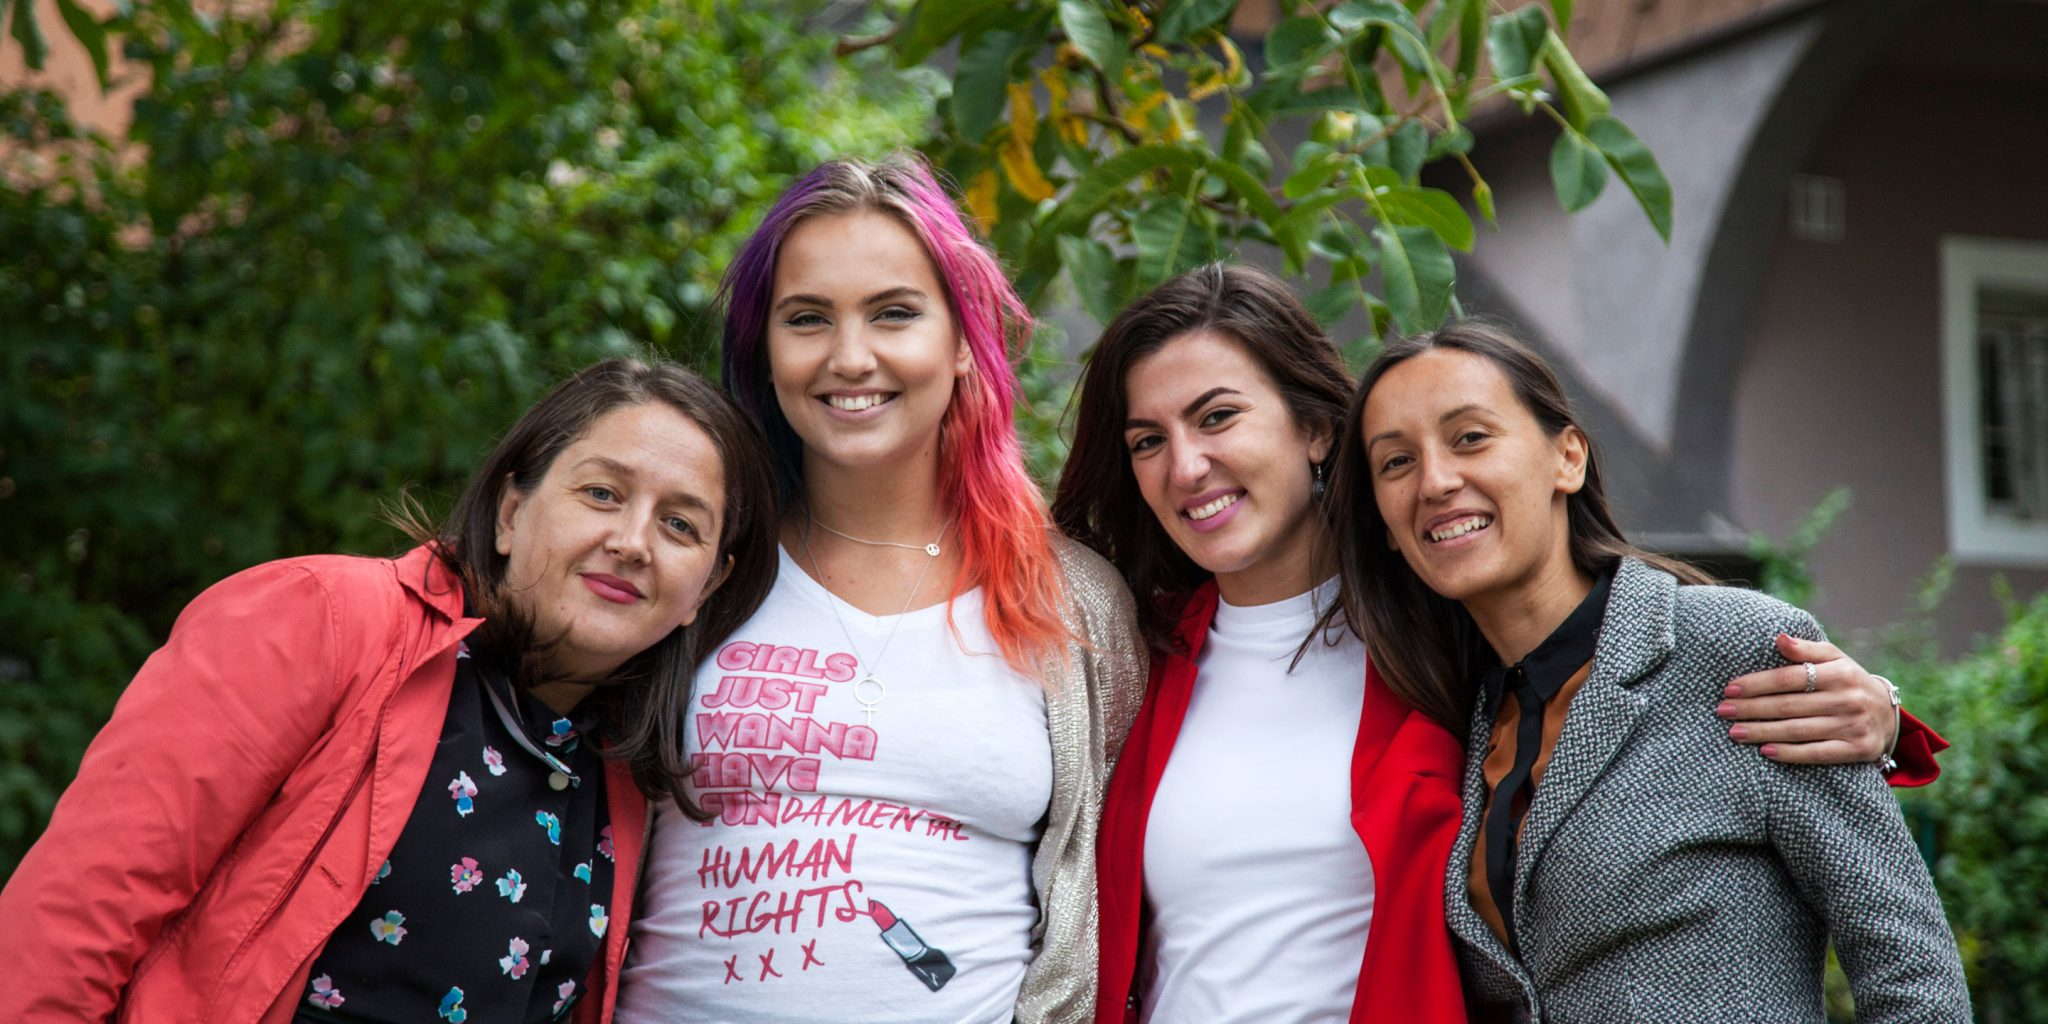 Linnéa Claeson, goodwill-ambassadör, med Luljeta Demolli, Nita Zogiani och Lavdi Zymberi från Kosovo Gender Studies Centre. Foto: Majlinda Hoxha